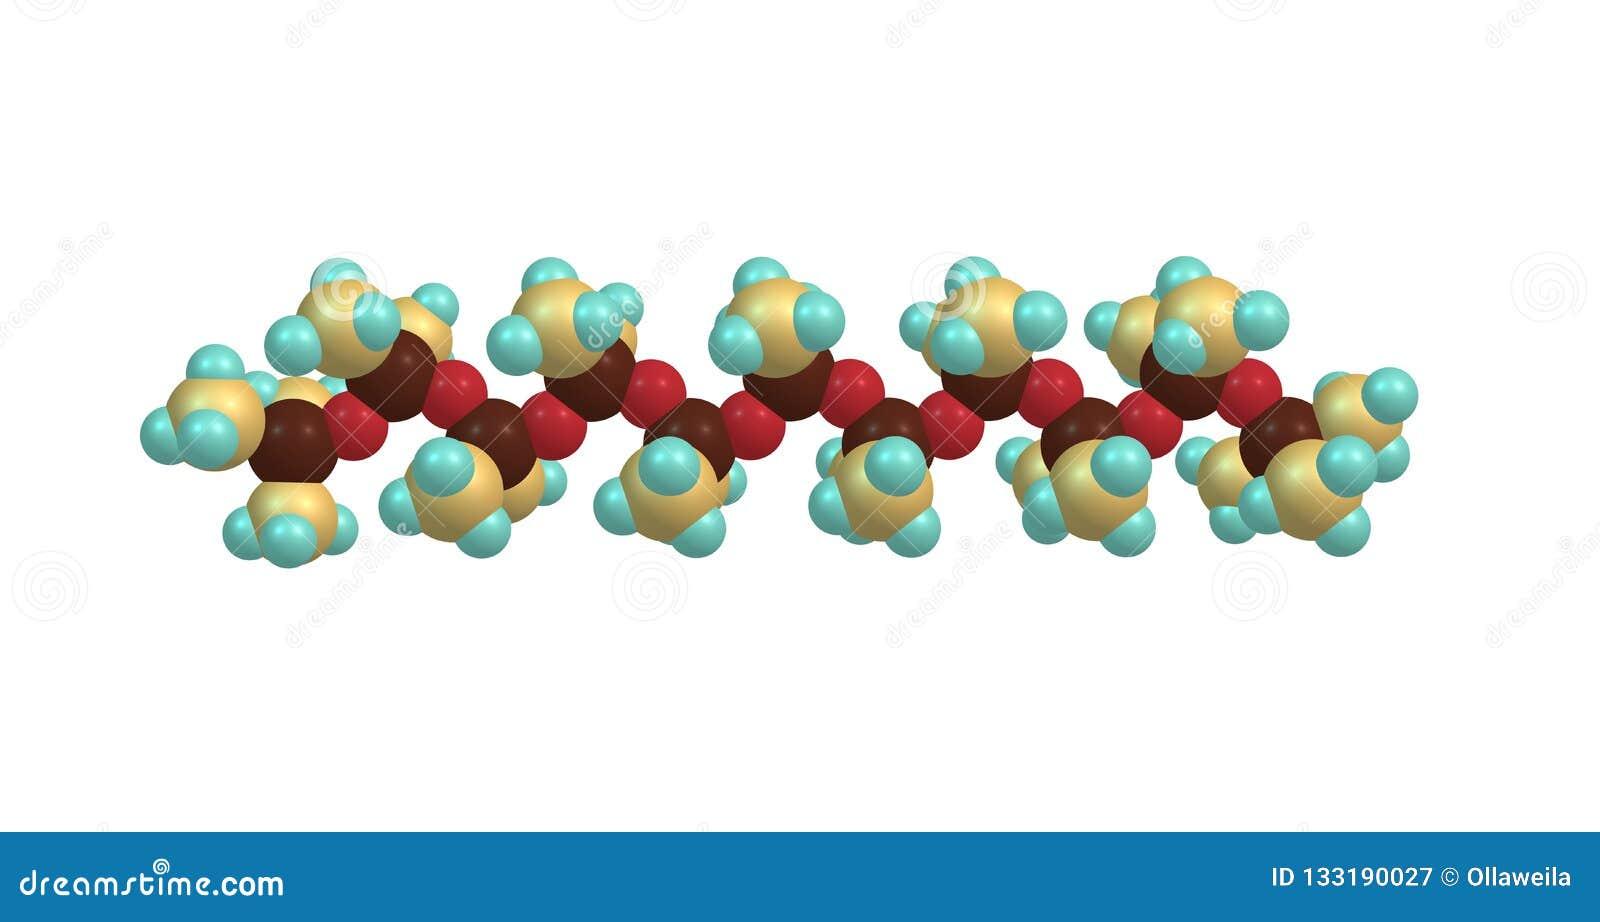 Estructura Molecular De Tetramethydisiloxane Aislada En